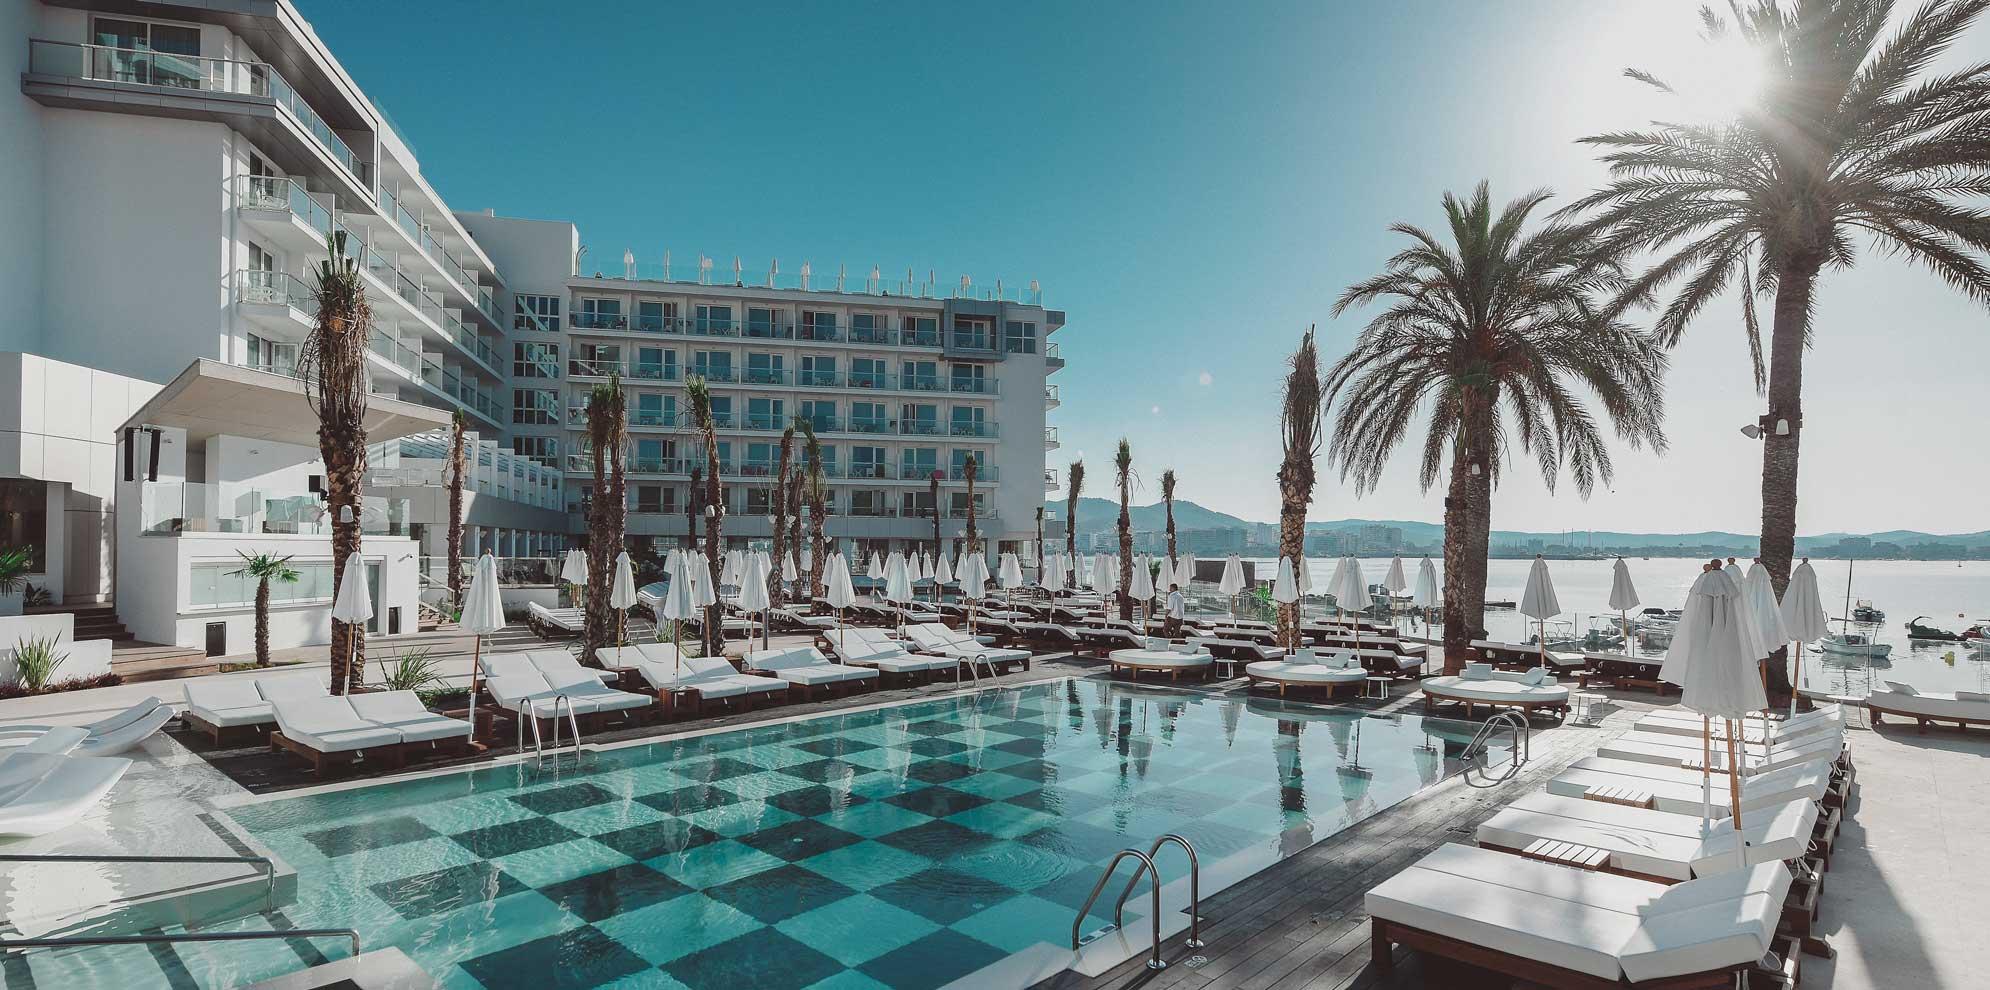 Amare Beach Hotel Ibiza